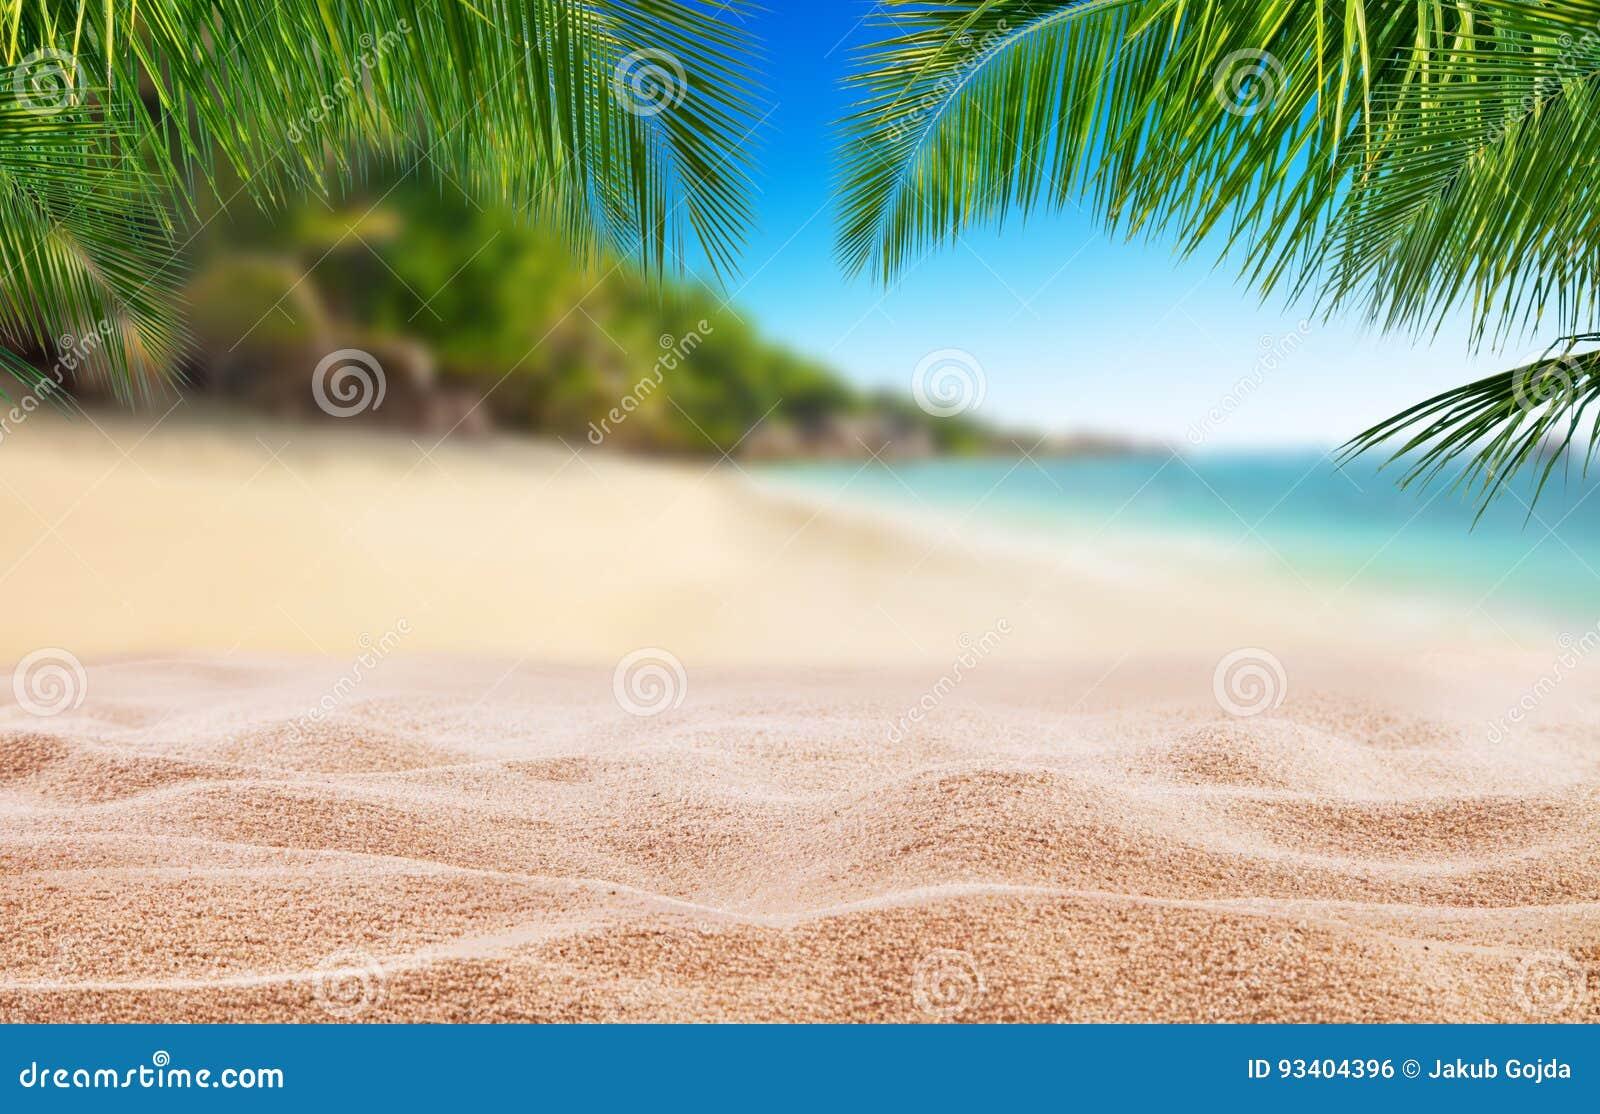 Plage tropicale avec le sable, fond de vacances d été